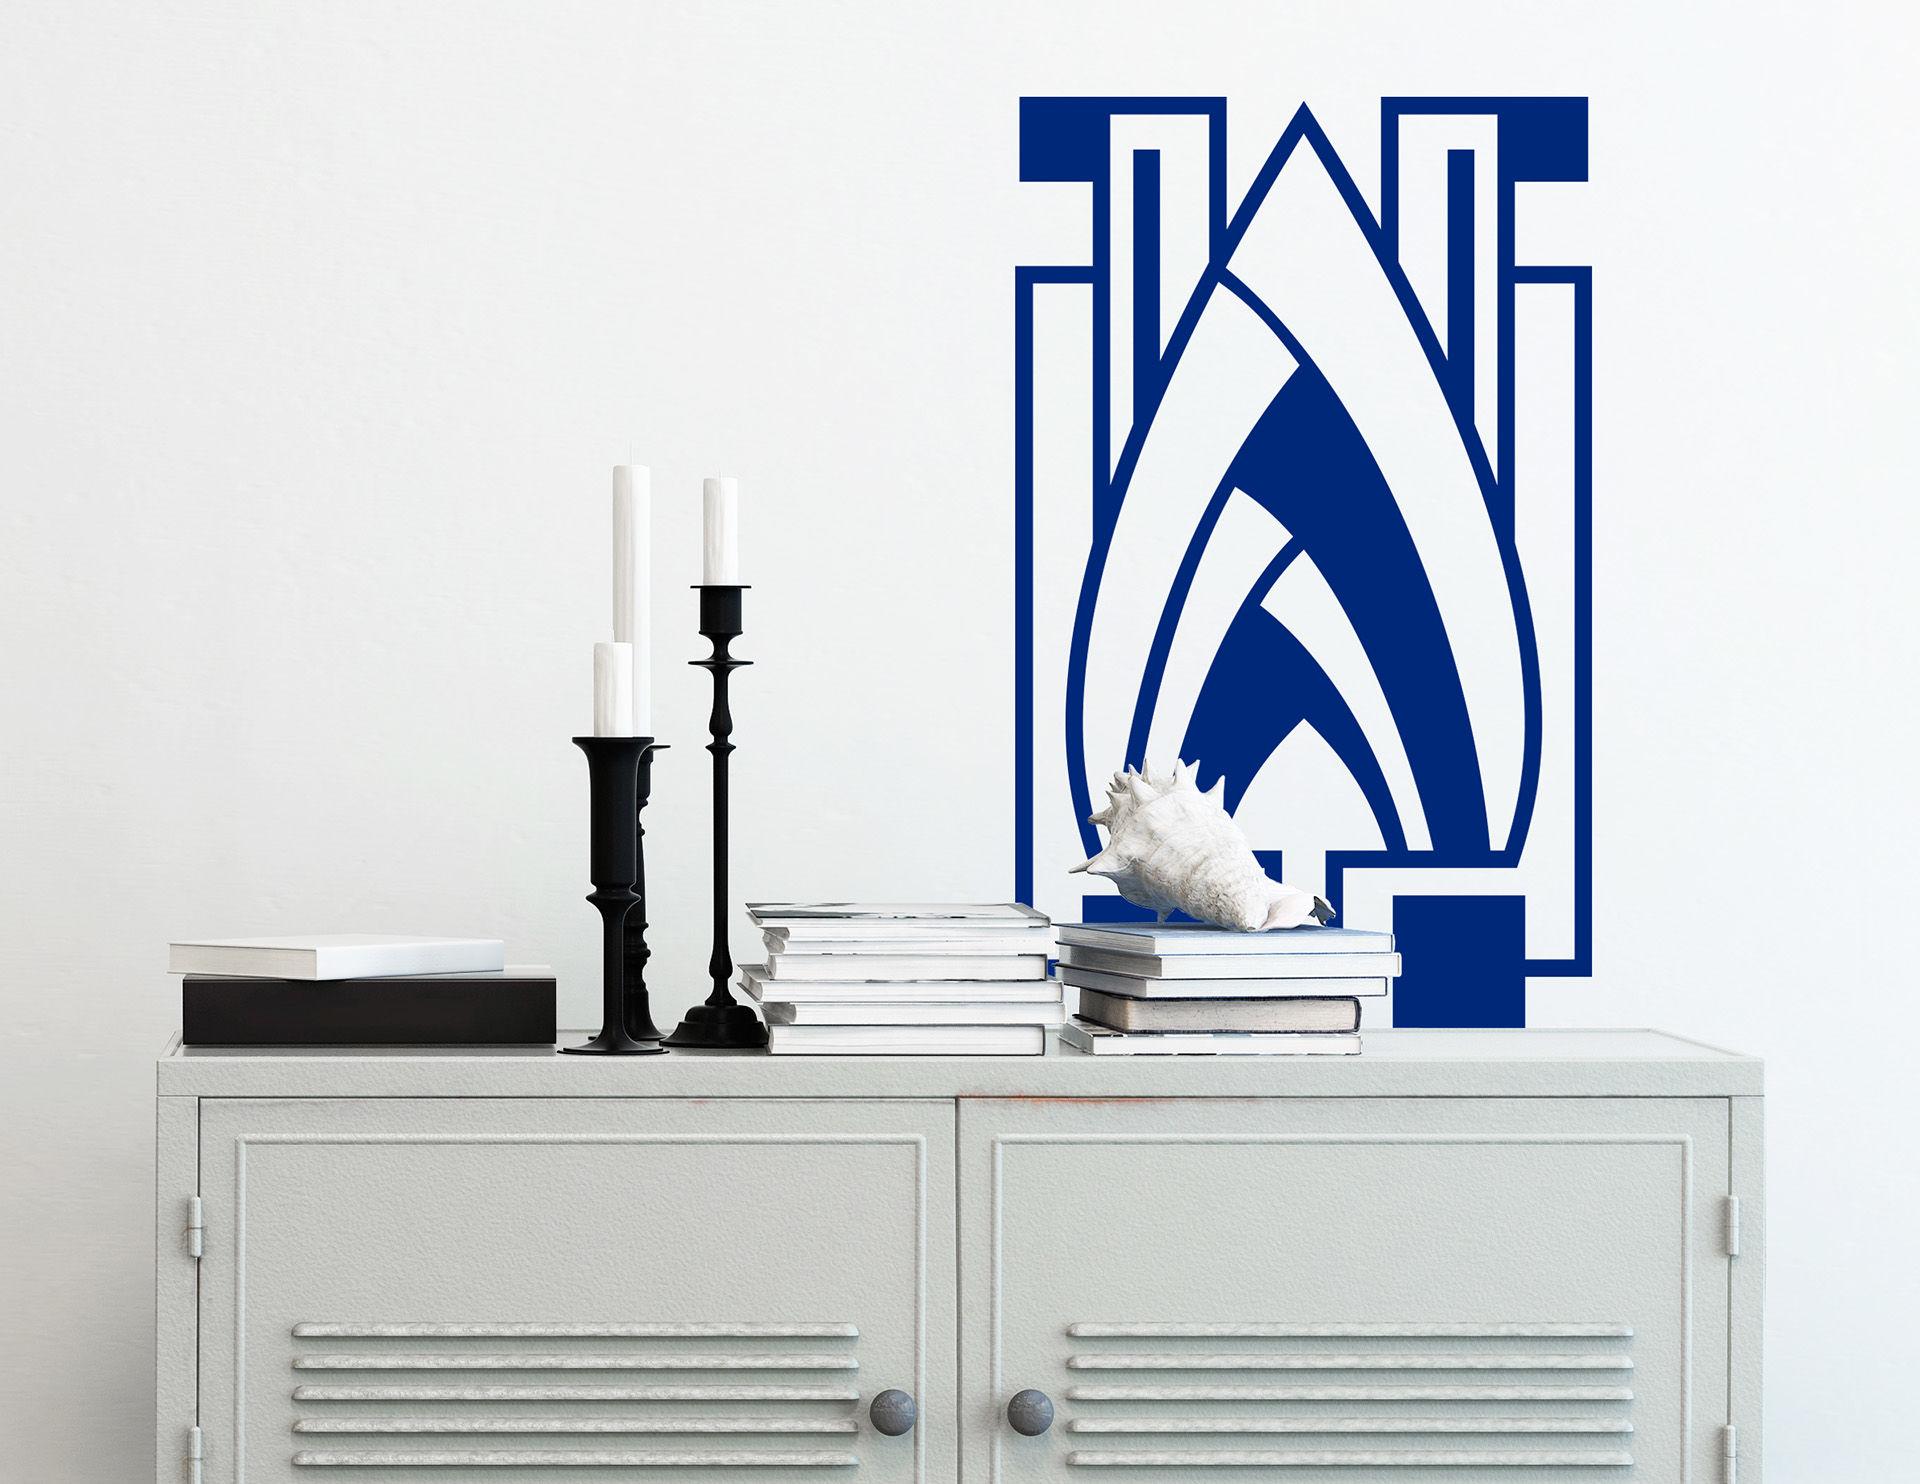 Wandtattoo mit edlem Jugendstil-Motiv: Art Nouveau - Flèche